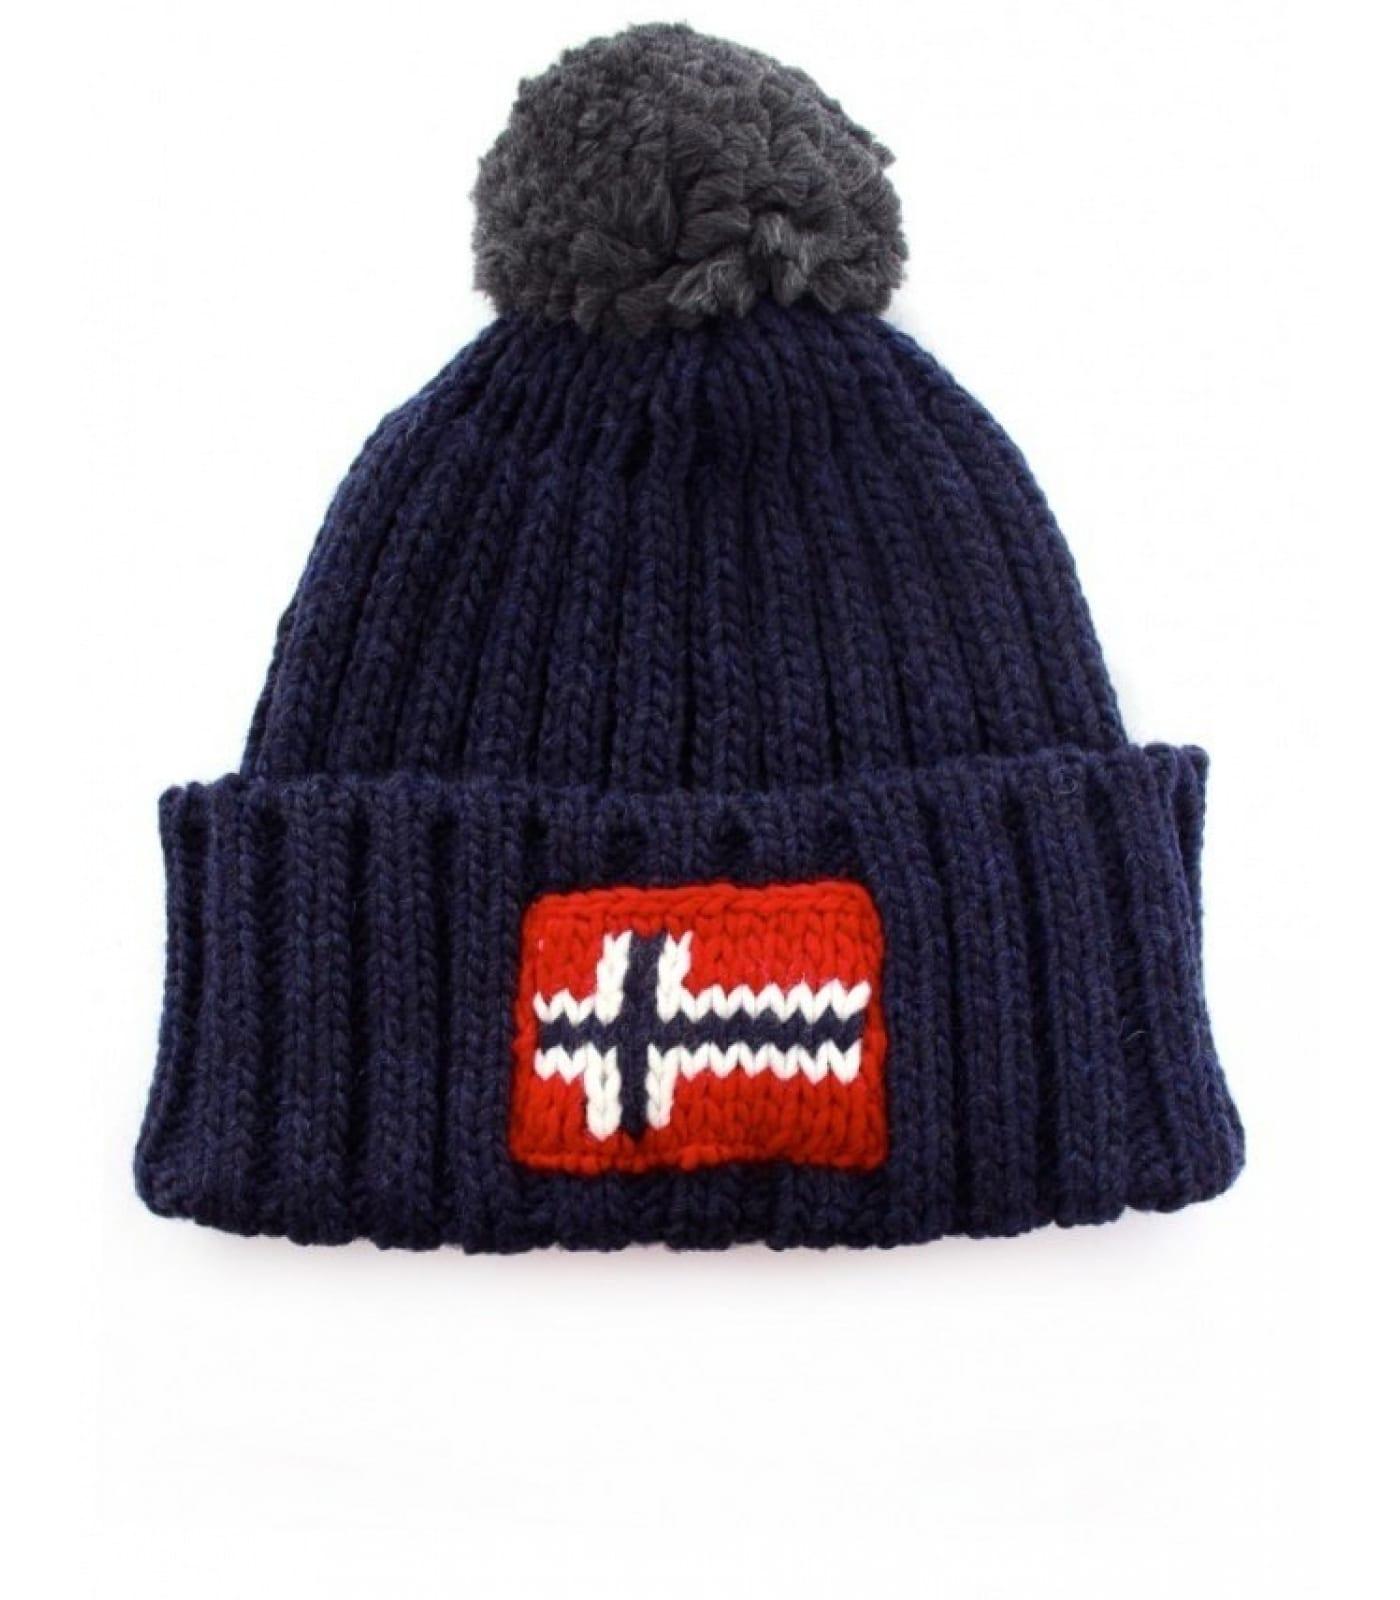 lebarboteur.com/wp-content/uploads/2012/10/NAPAPIJRI-WEEKEND-bonnet8.jpg